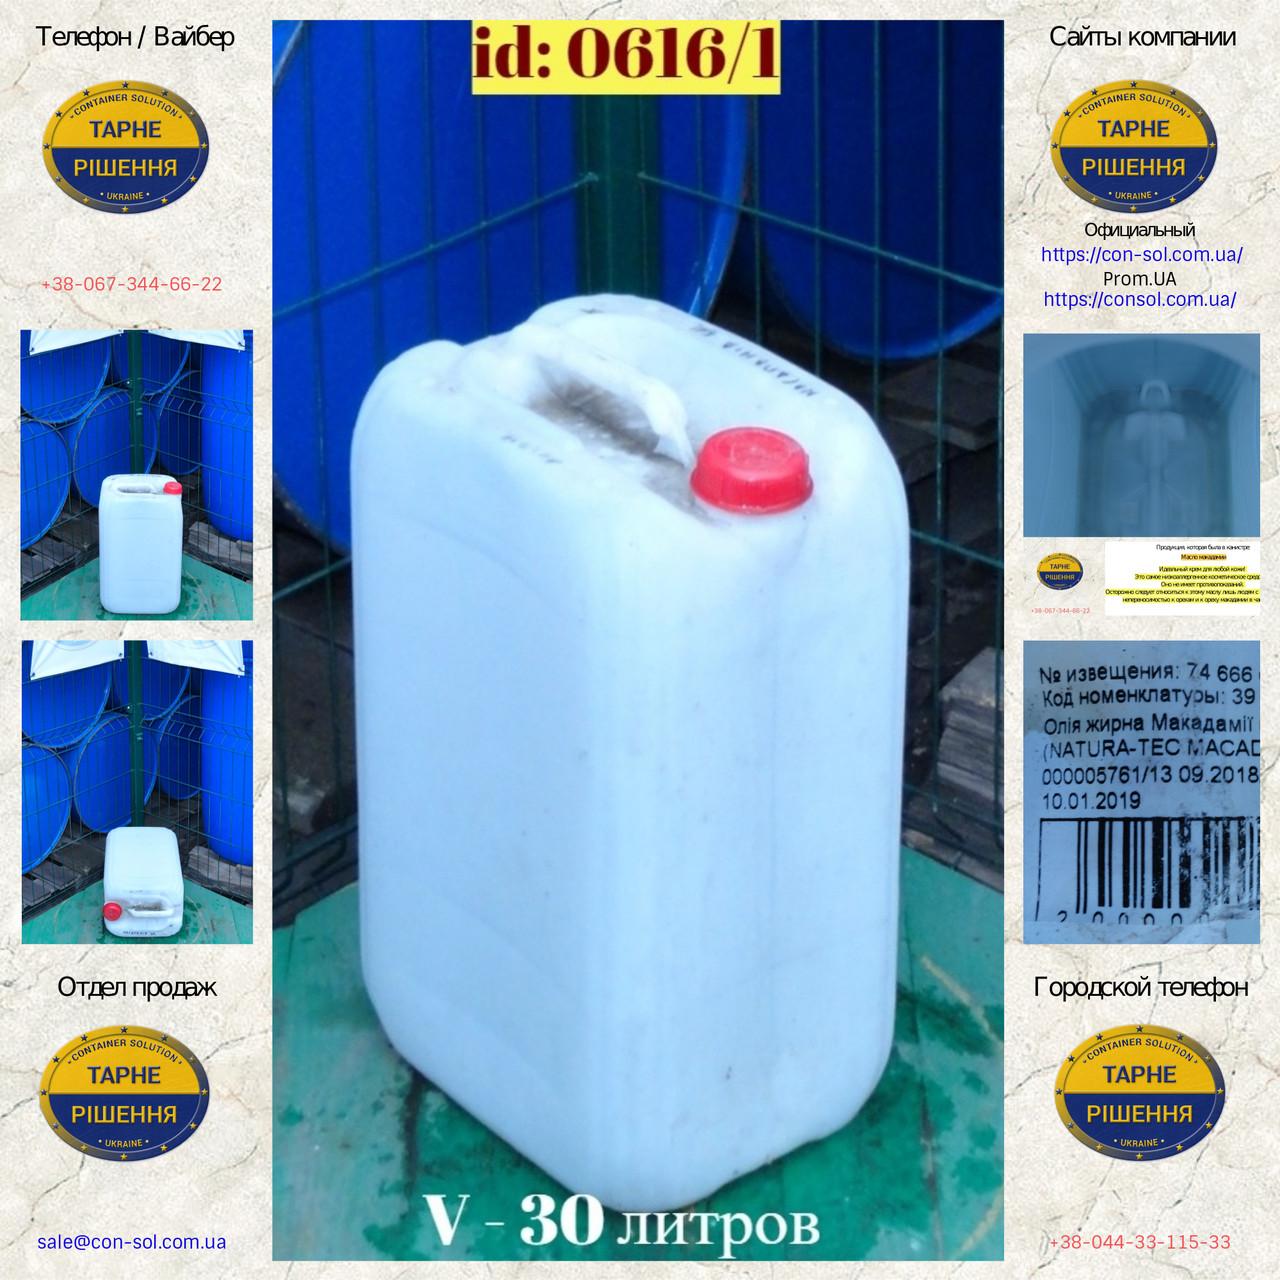 0616/1: Канистра (30 л.) б/у пластиковая ✦ Масло макадамии